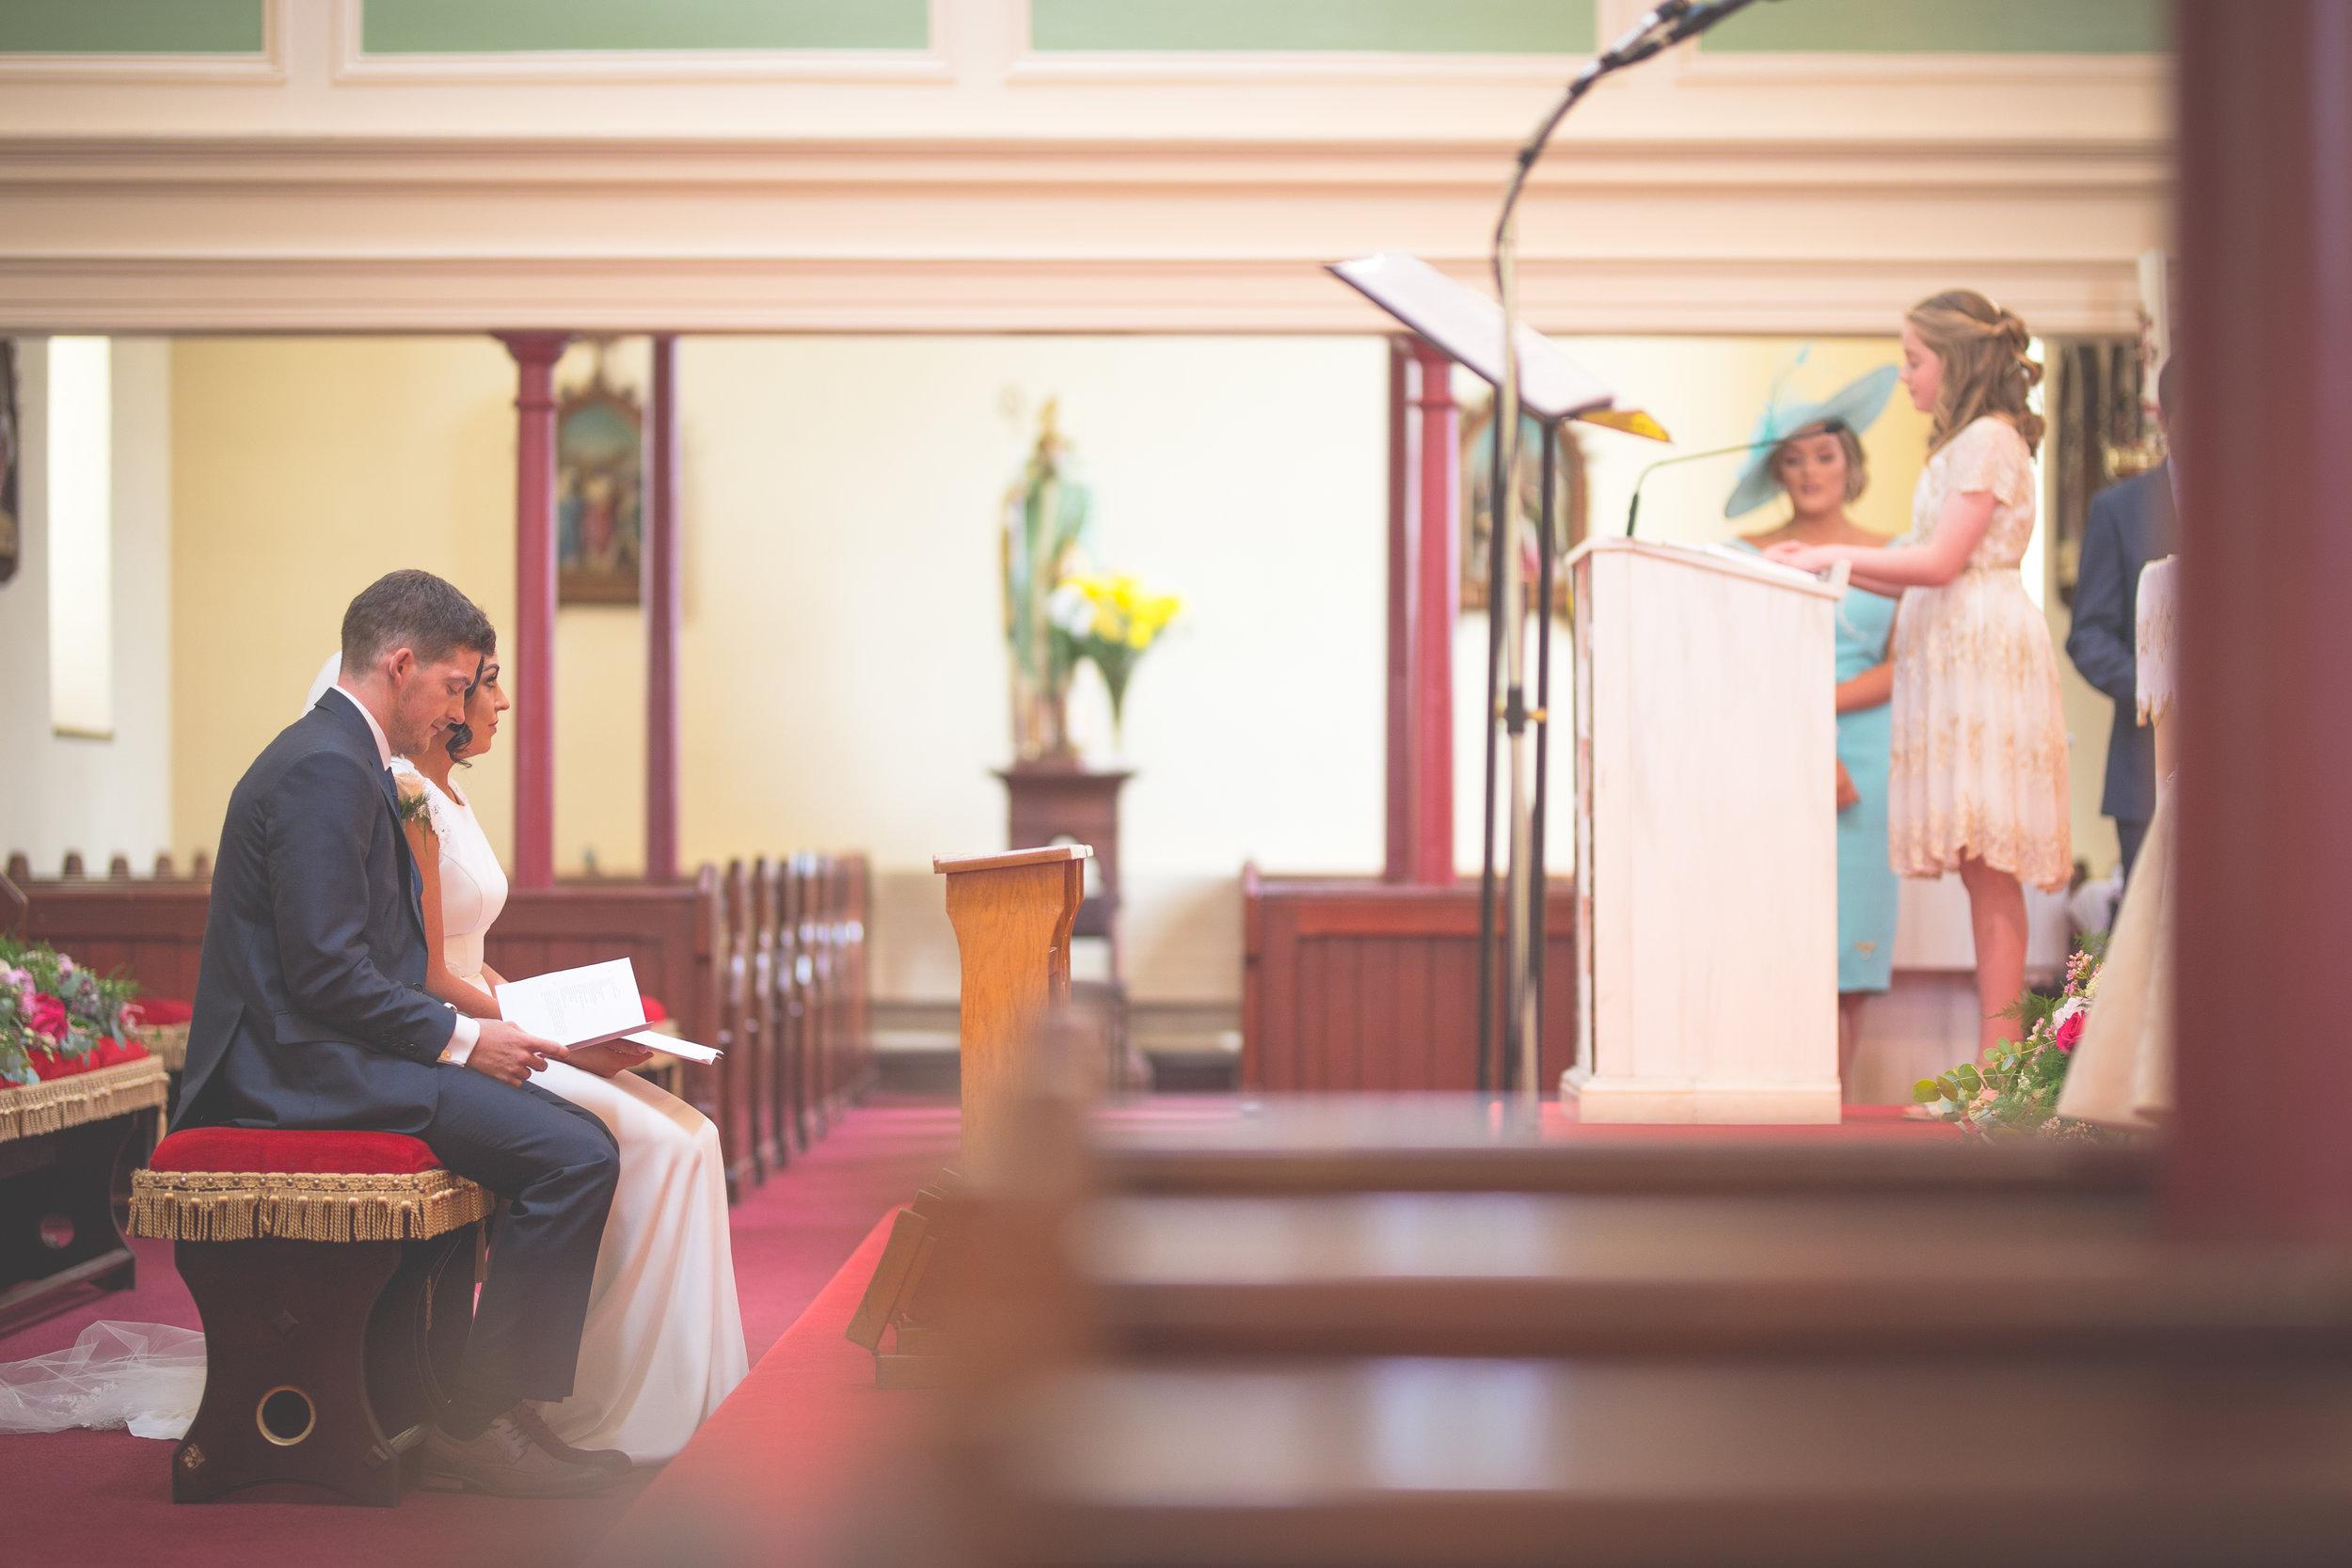 Brian McEwan Wedding Photography   Carol-Anne & Sean   The Ceremony-33.jpg